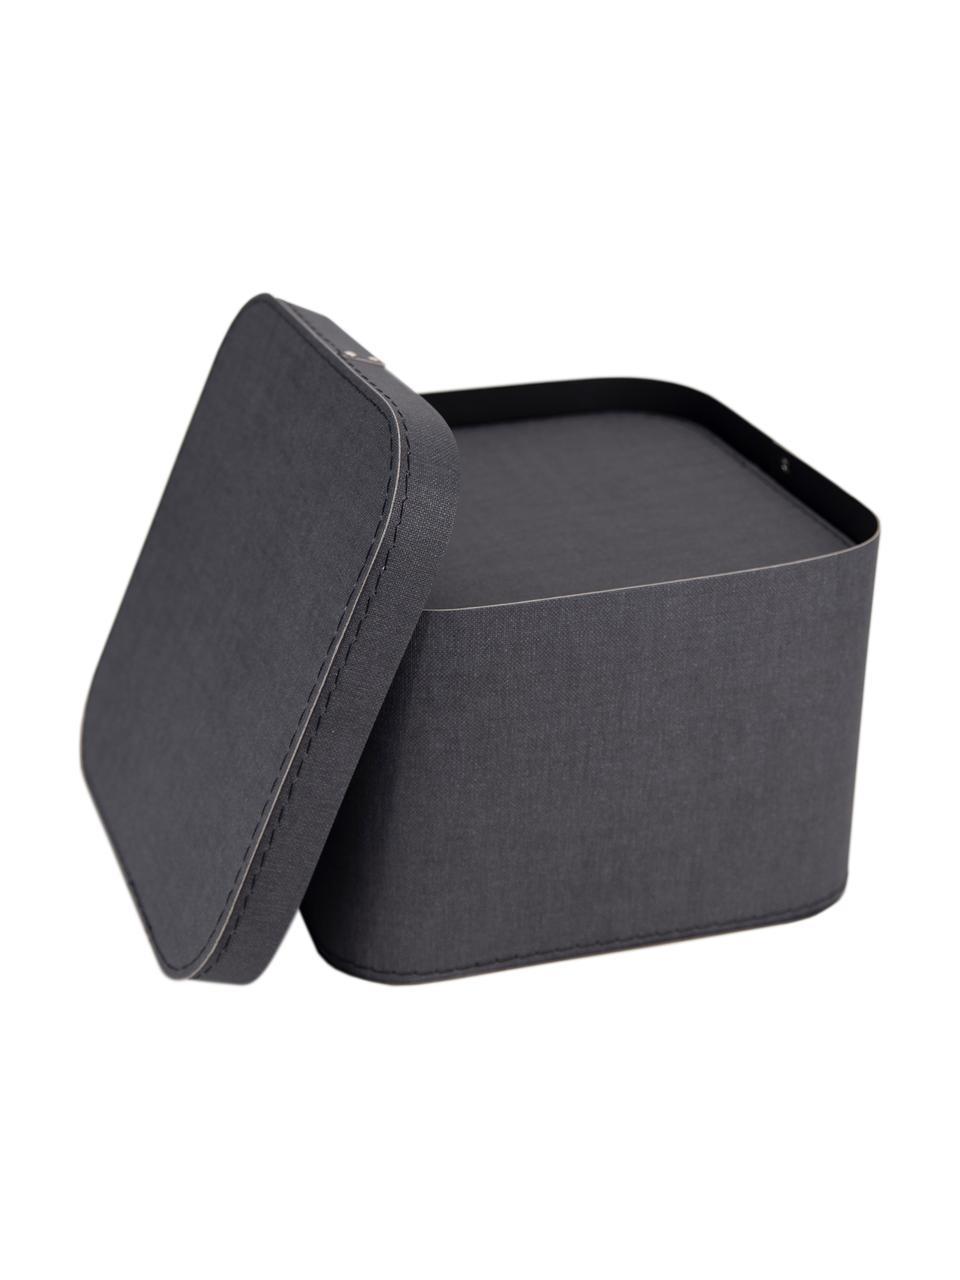 Set 2 scatole custodia Ludvig, Solido, cartone laminato, Antracite, Set in varie misure